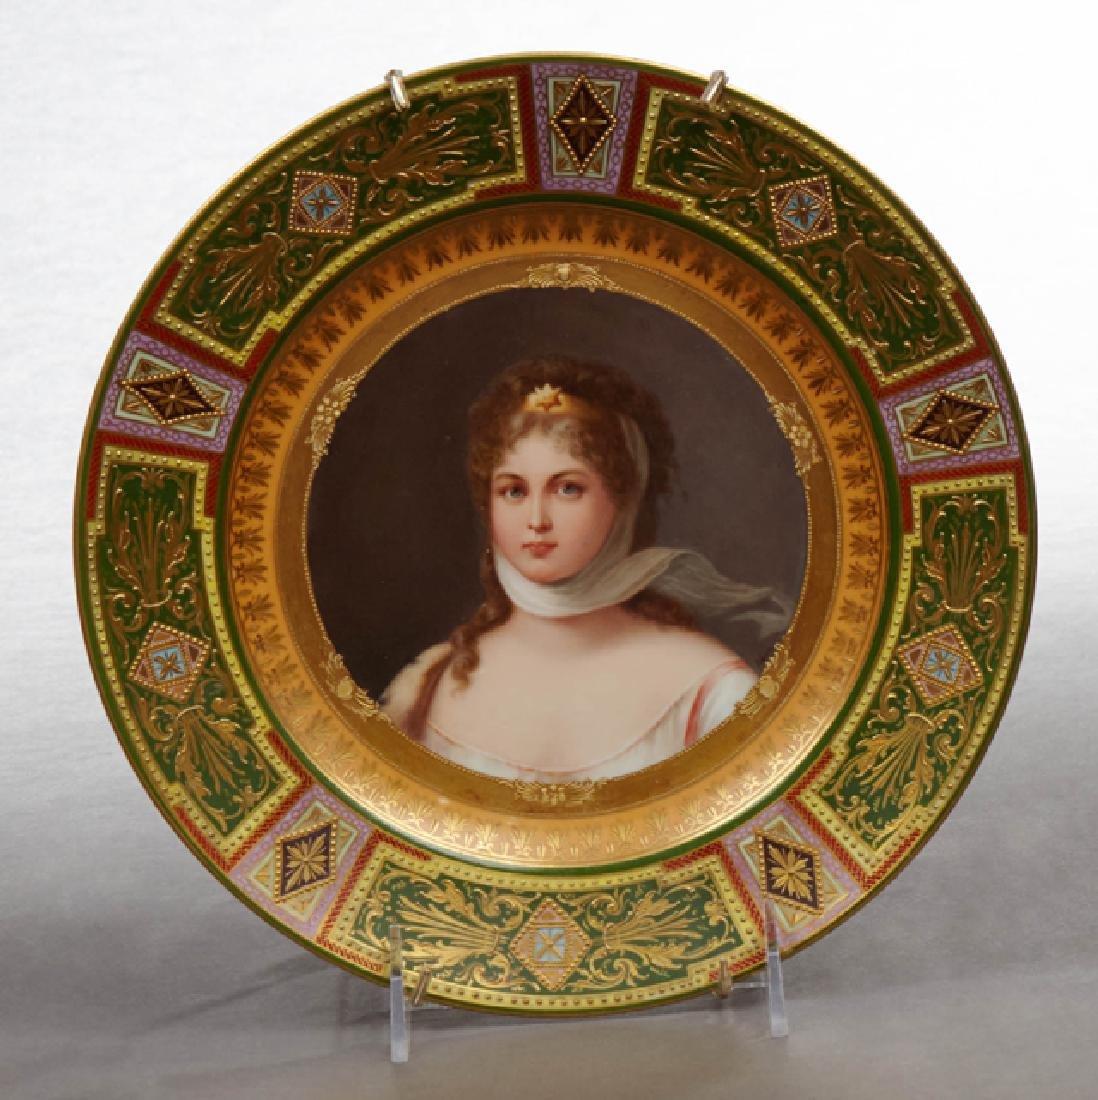 Royal Vienna Porcelain Portrait Plate, 19th c., of